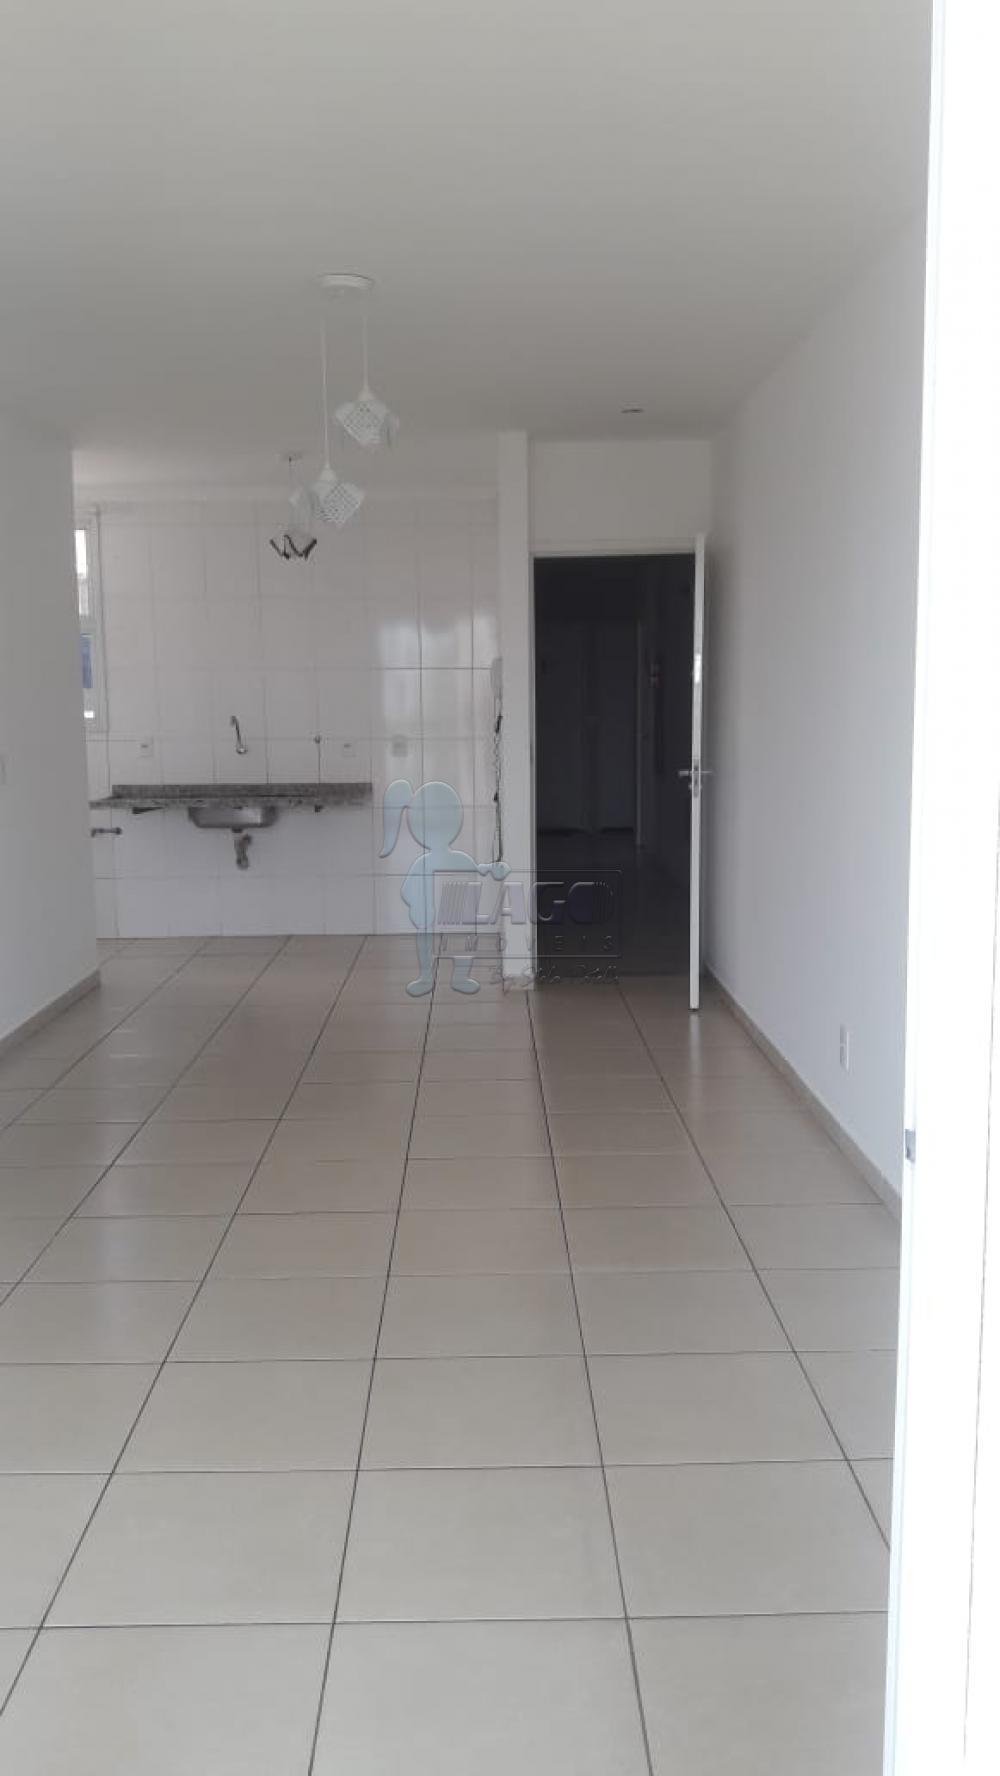 Comprar Apartamento / Padrão em Ribeirão Preto apenas R$ 205.000,00 - Foto 9